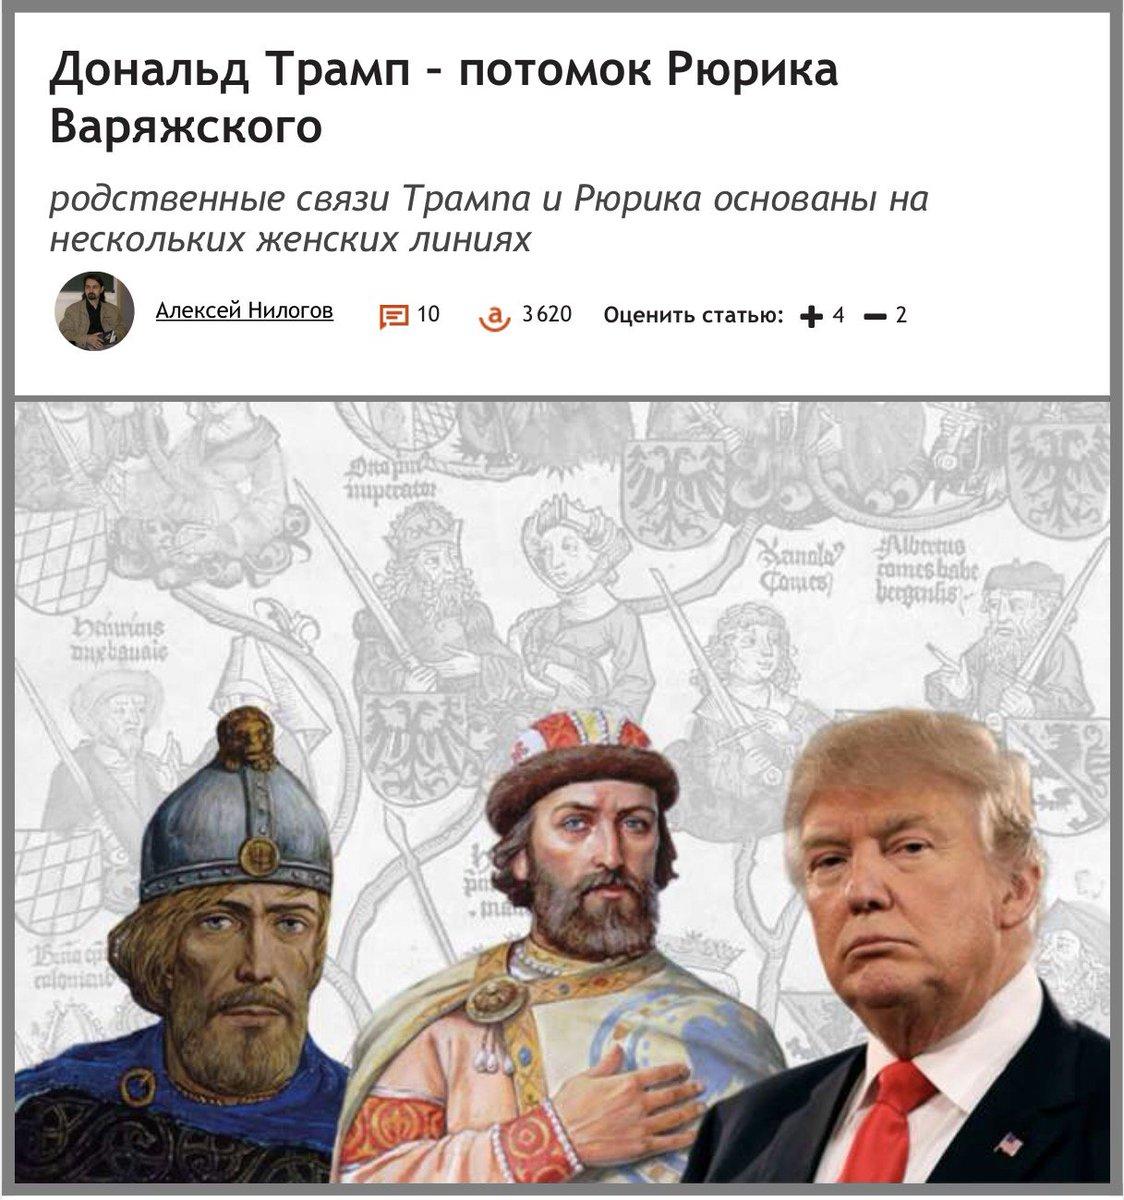 """""""Не стоит забегать вперед"""", - Песков заявил, что в Кремле не контактировали с командой Трампа - Цензор.НЕТ 2980"""